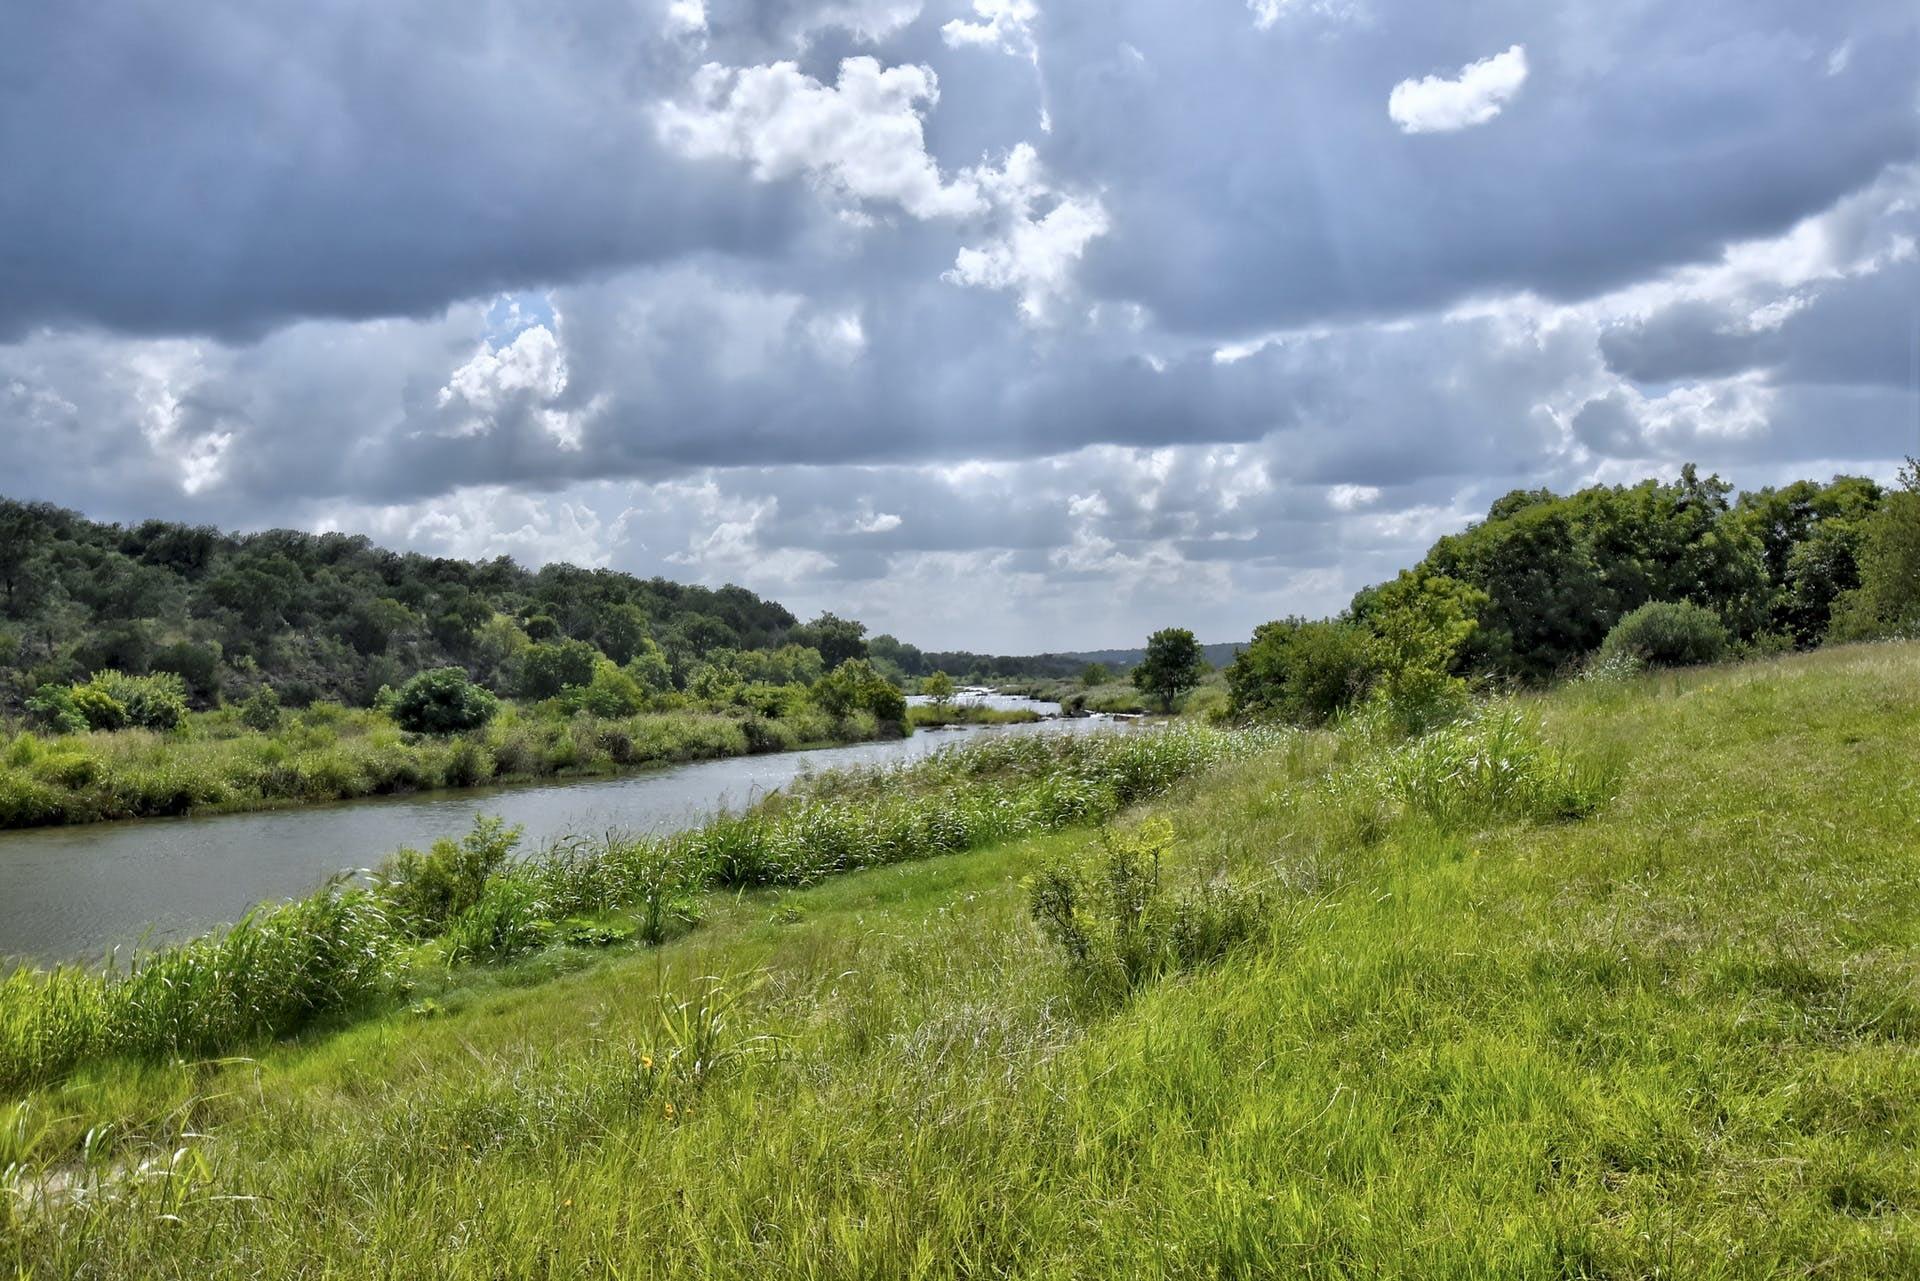 054-389594-Trails End River Park_002_10473954